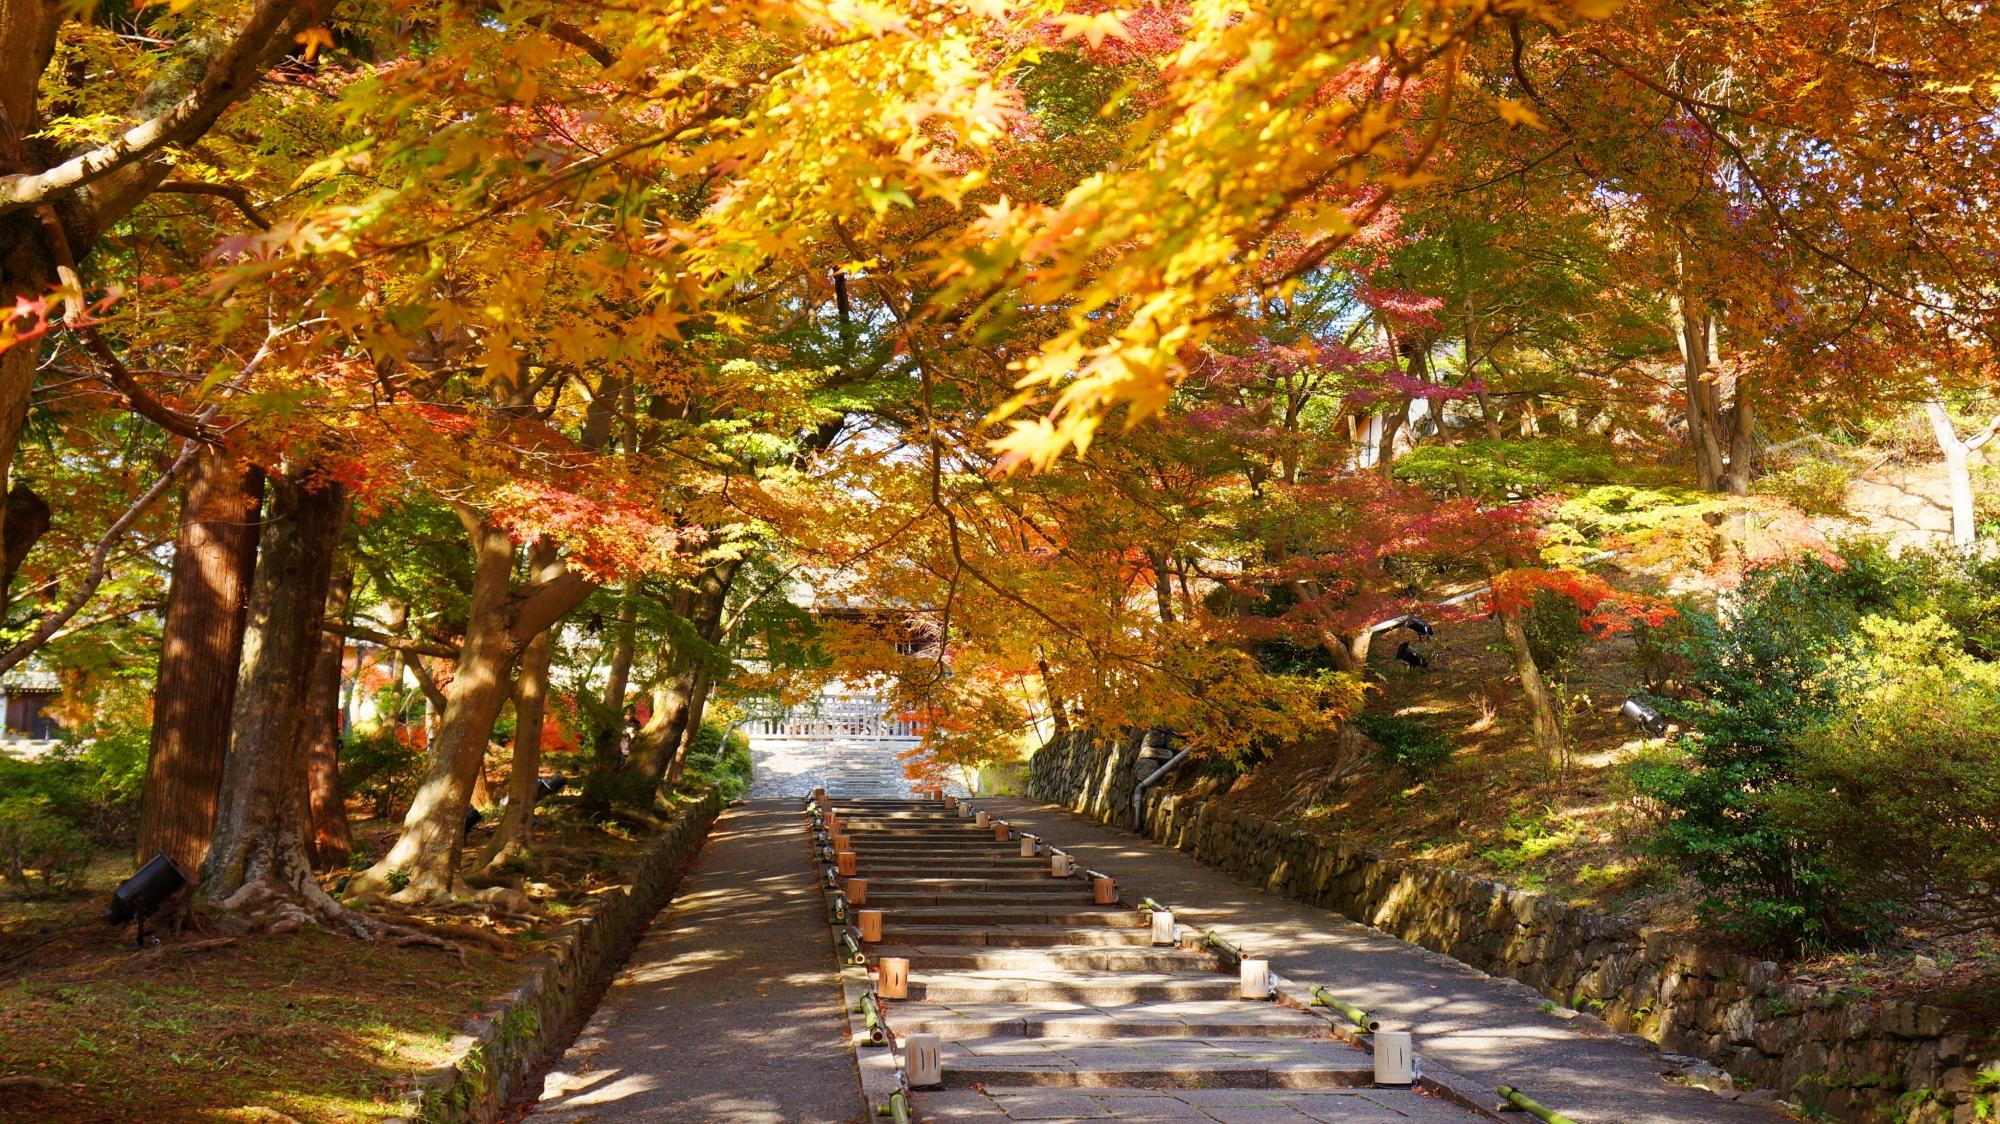 毘沙門堂の勅使門前の石段と華やかな紅葉